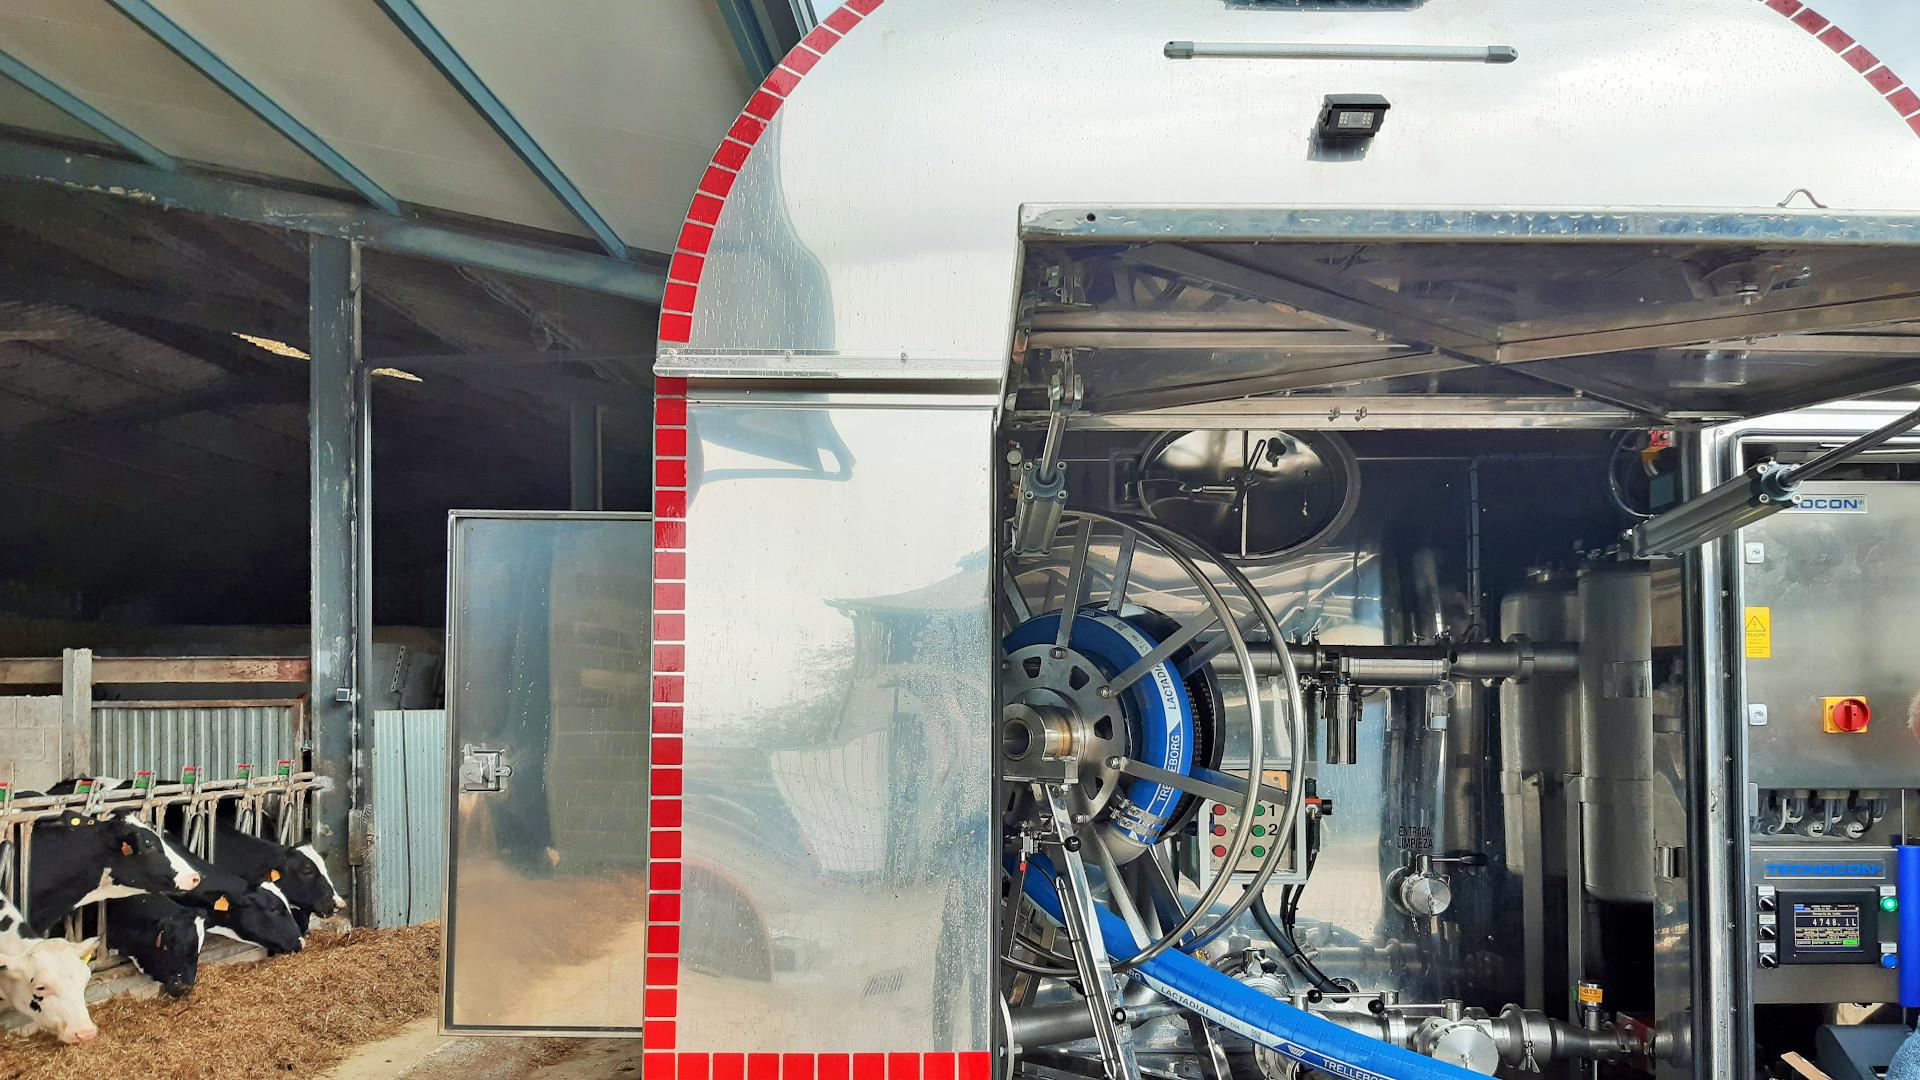 cidega-instala-equipos-de-medicion-de-leche-de-alta-capacidad-en-camiones-cisterna-1920